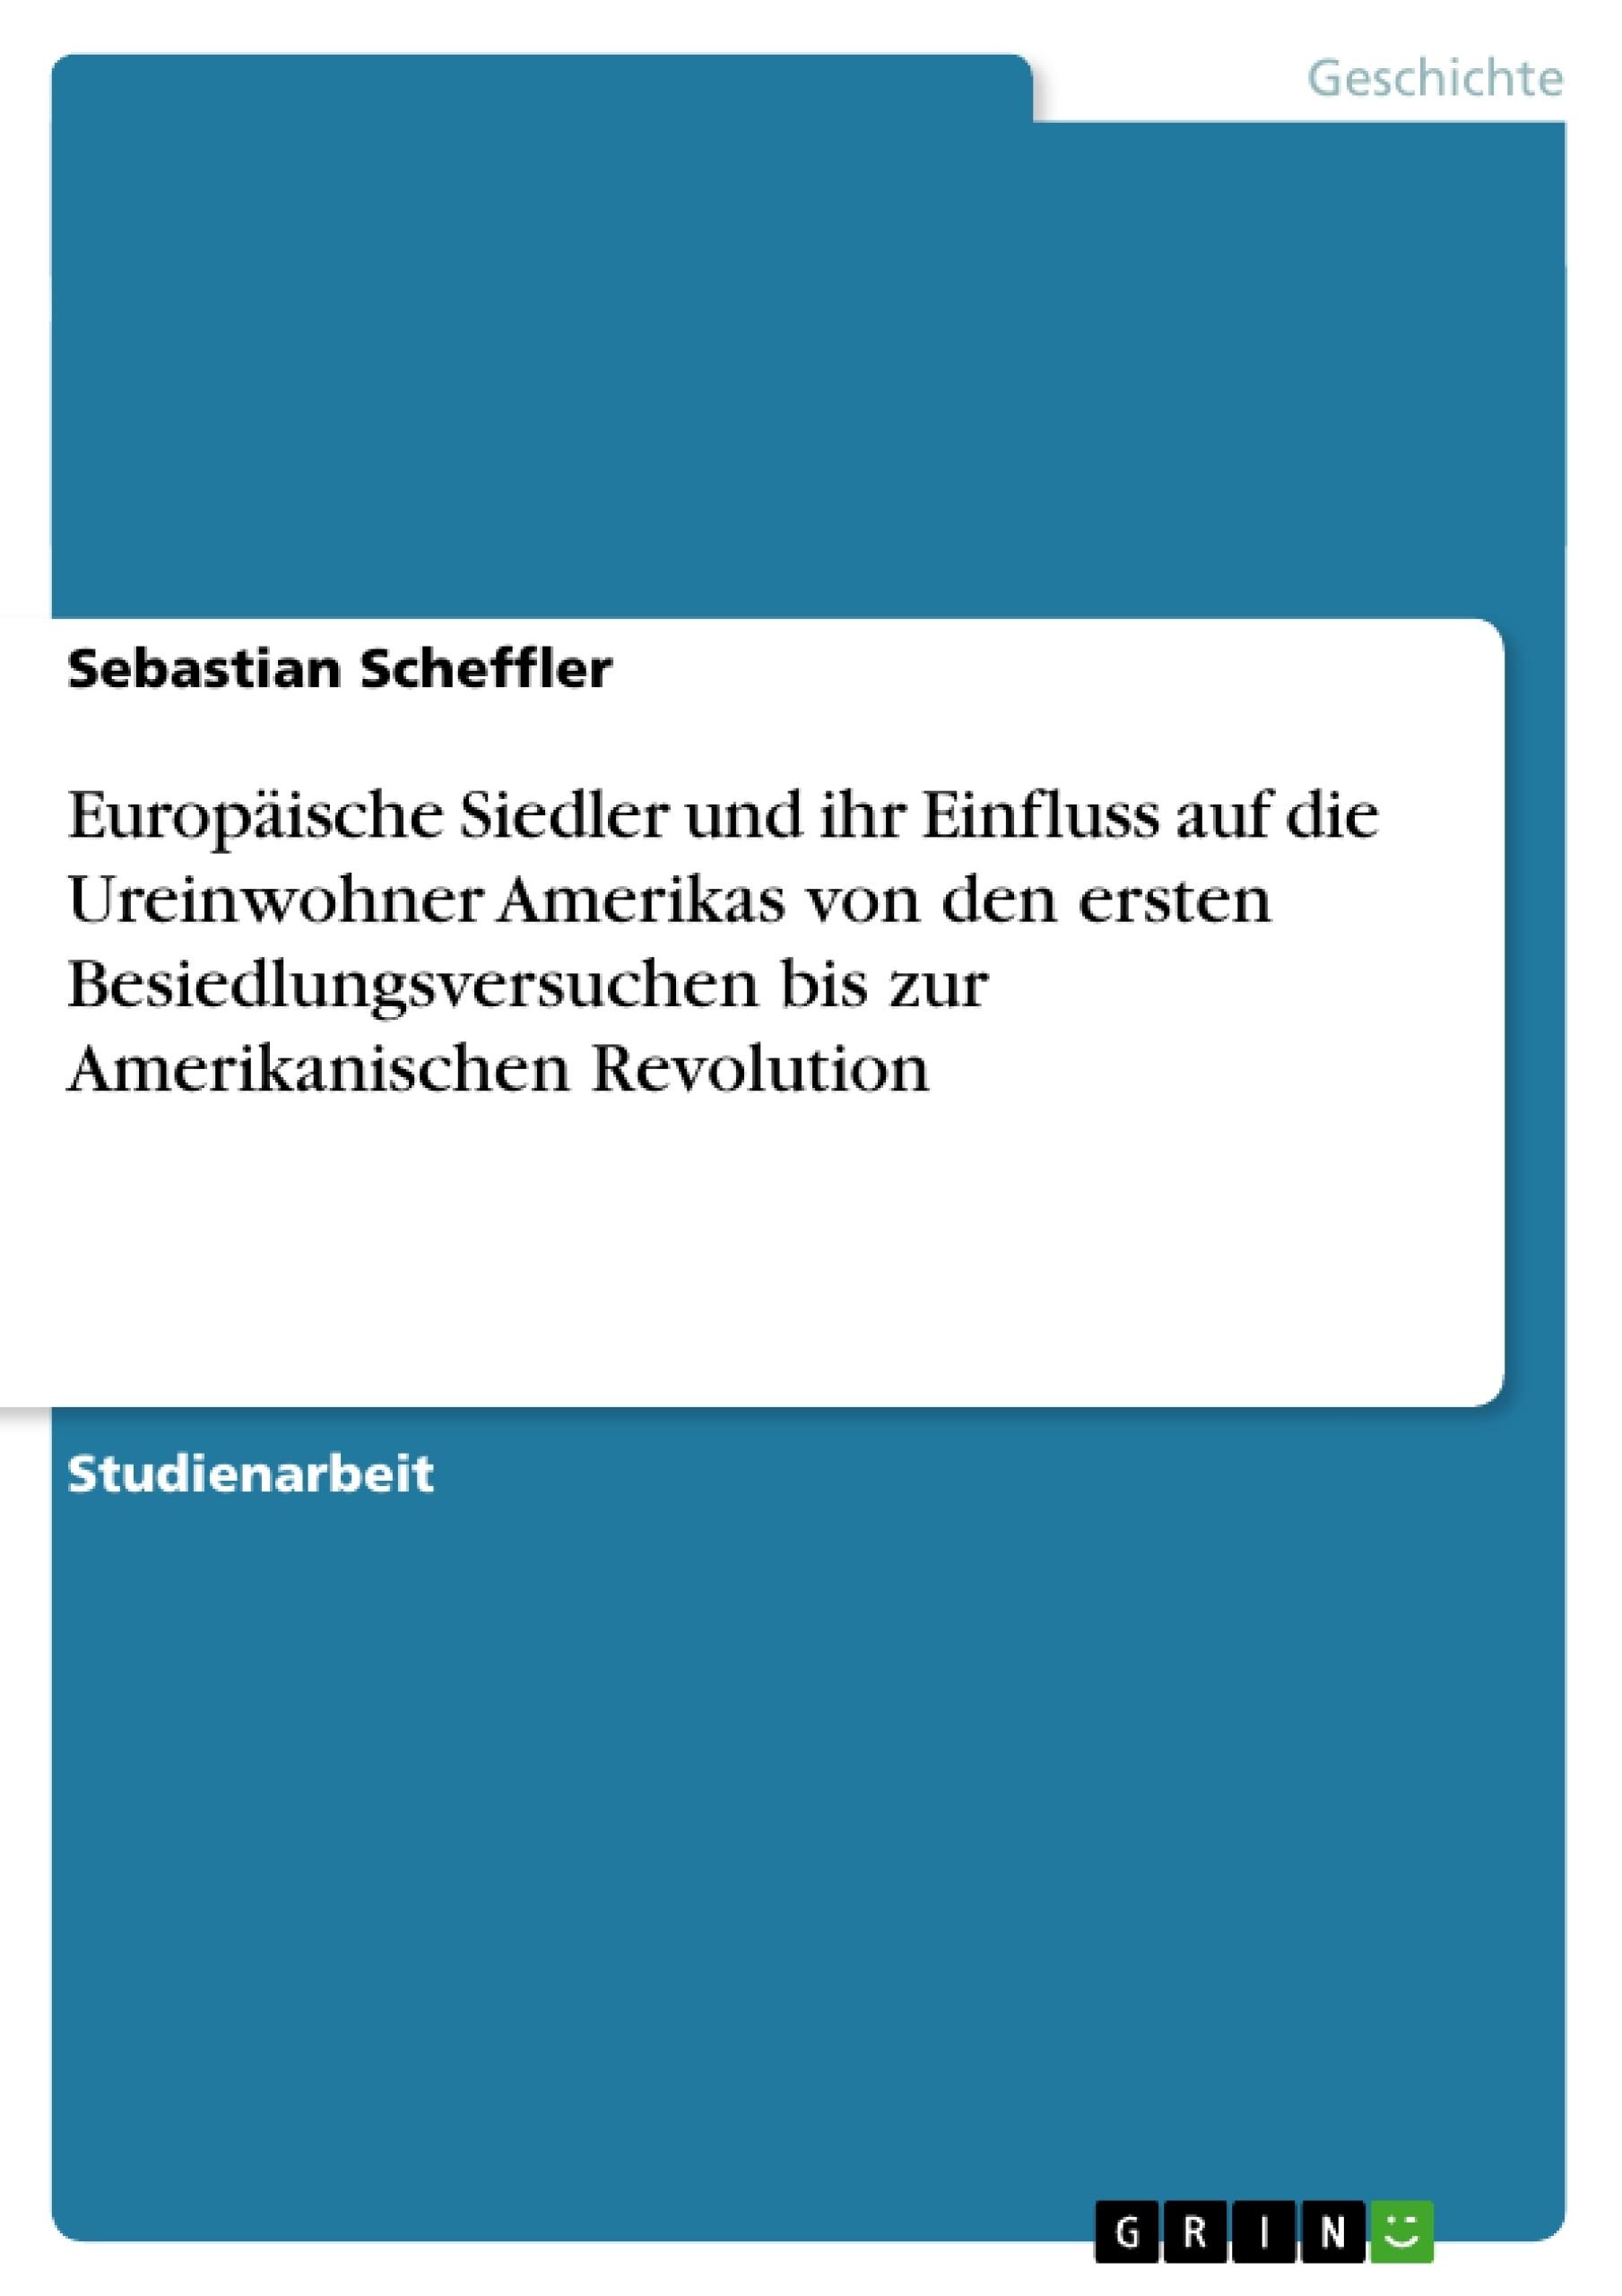 Titel: Europäische Siedler und ihr Einfluss auf die Ureinwohner Amerikas von den ersten Besiedlungsversuchen bis zur Amerikanischen Revolution